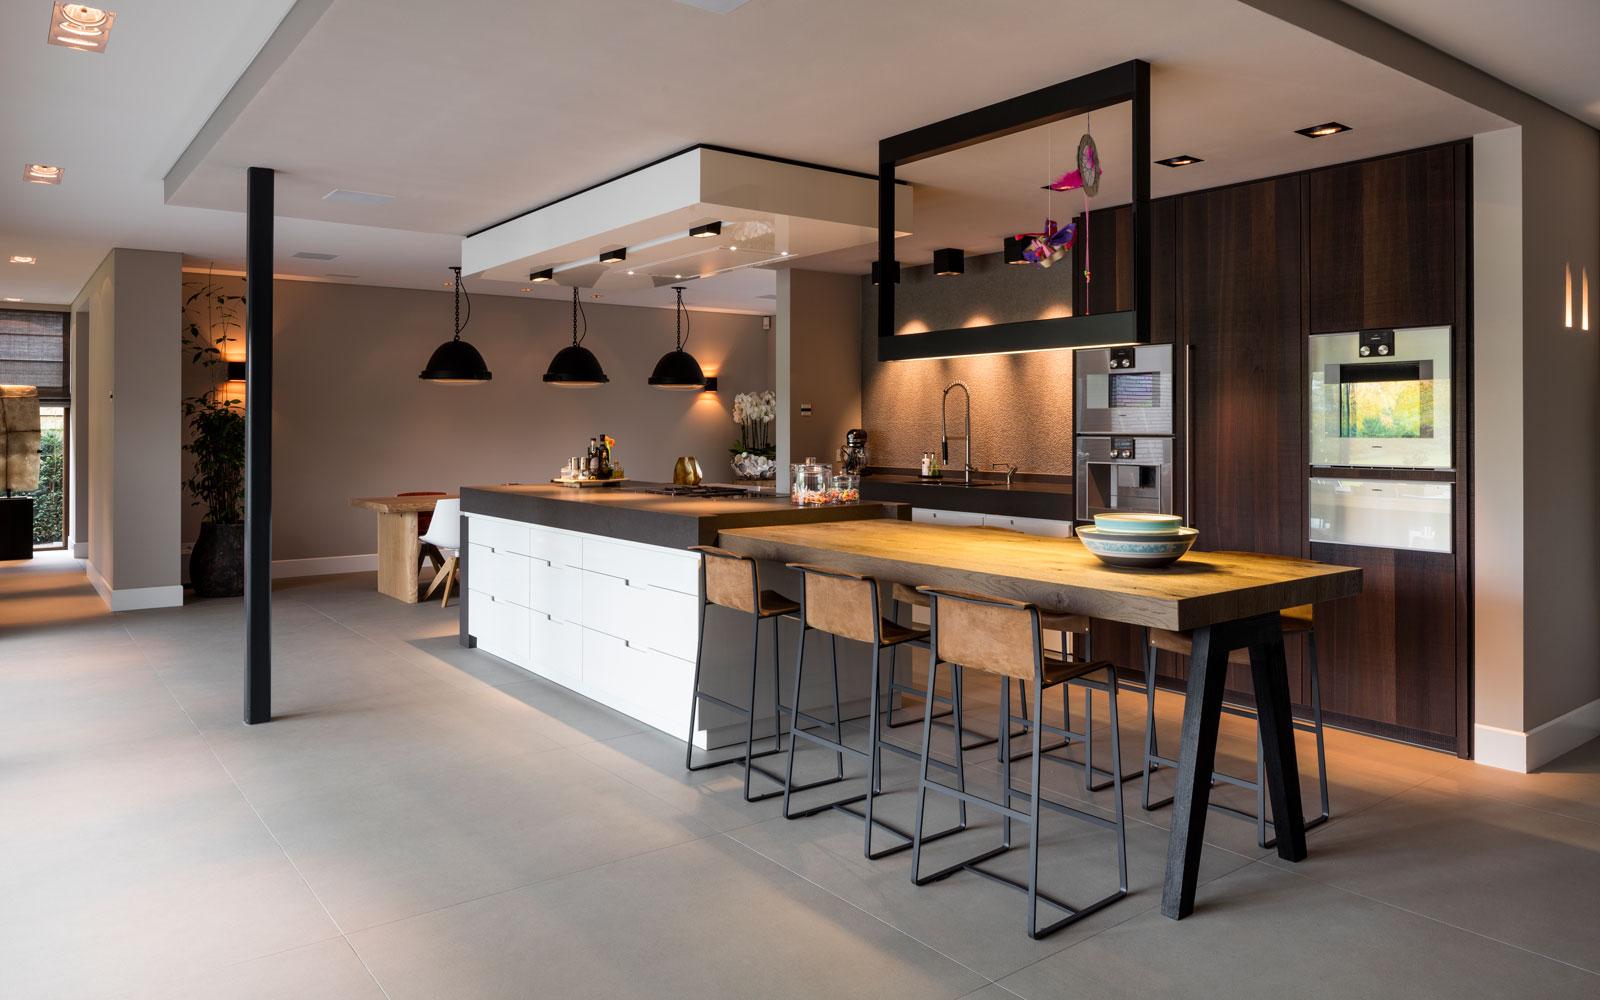 Keuken, custom made, maatwerk, hout, akoestisch plafond, moderne villa, François Hannes